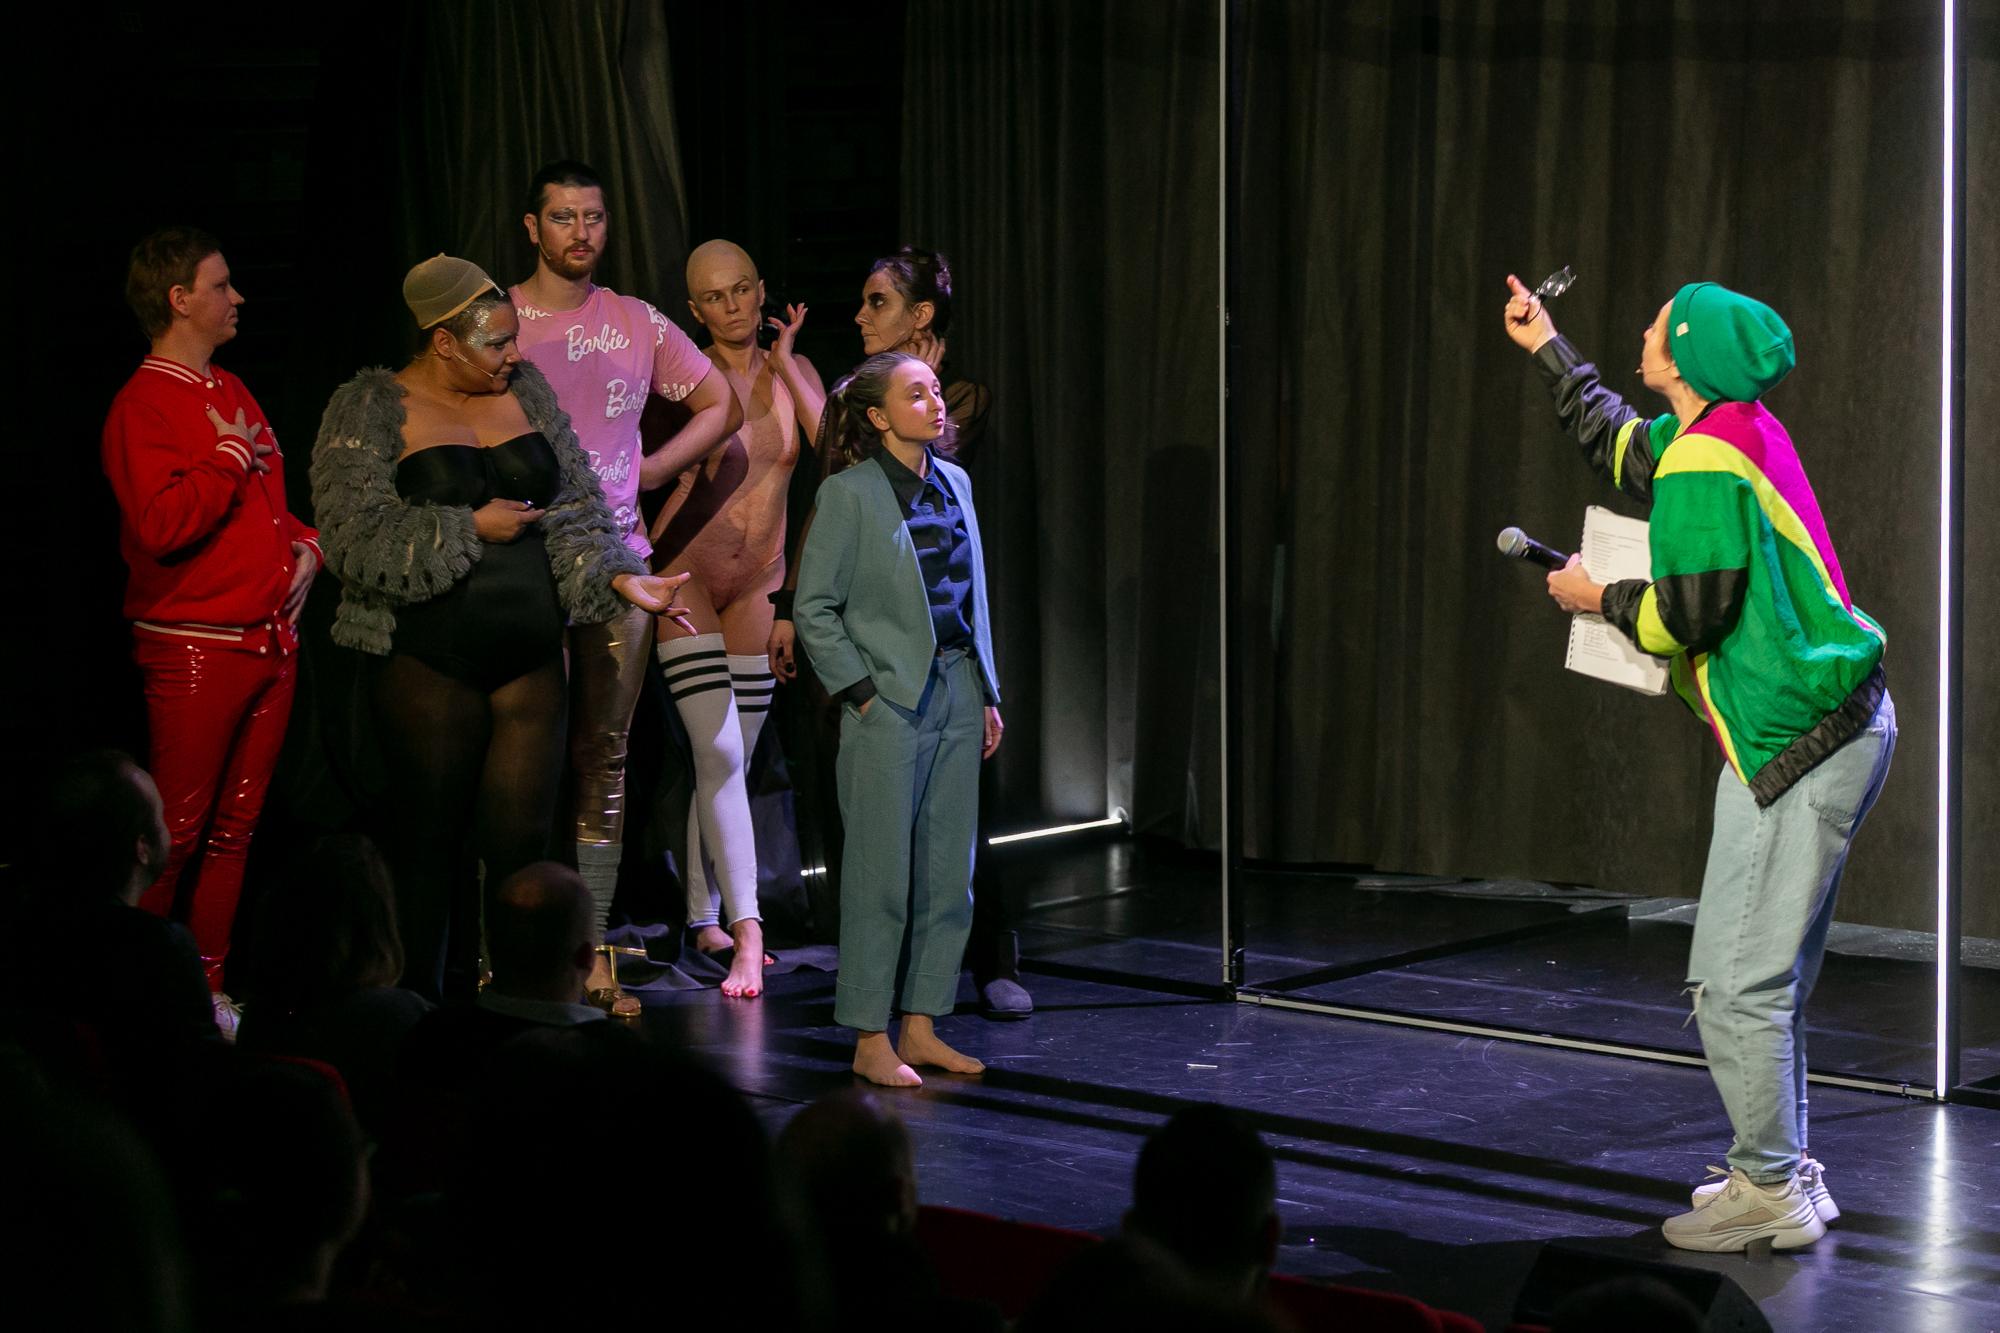 Na tle częściowo odsłoniętej czarnej kurtyny i stelażu z pionowych i poziomych świetlówek po lewej stronie stoi grupka drag queens i Konrad Konrad. Ze sceptycznymi minami słuchają Reżysera, który stoi po prawej stronie sceny z tekstem sztuki i mikrofonem w lewej ręce, wymachuje prawą ręką i coś im emocjonalnie tłumaczy.